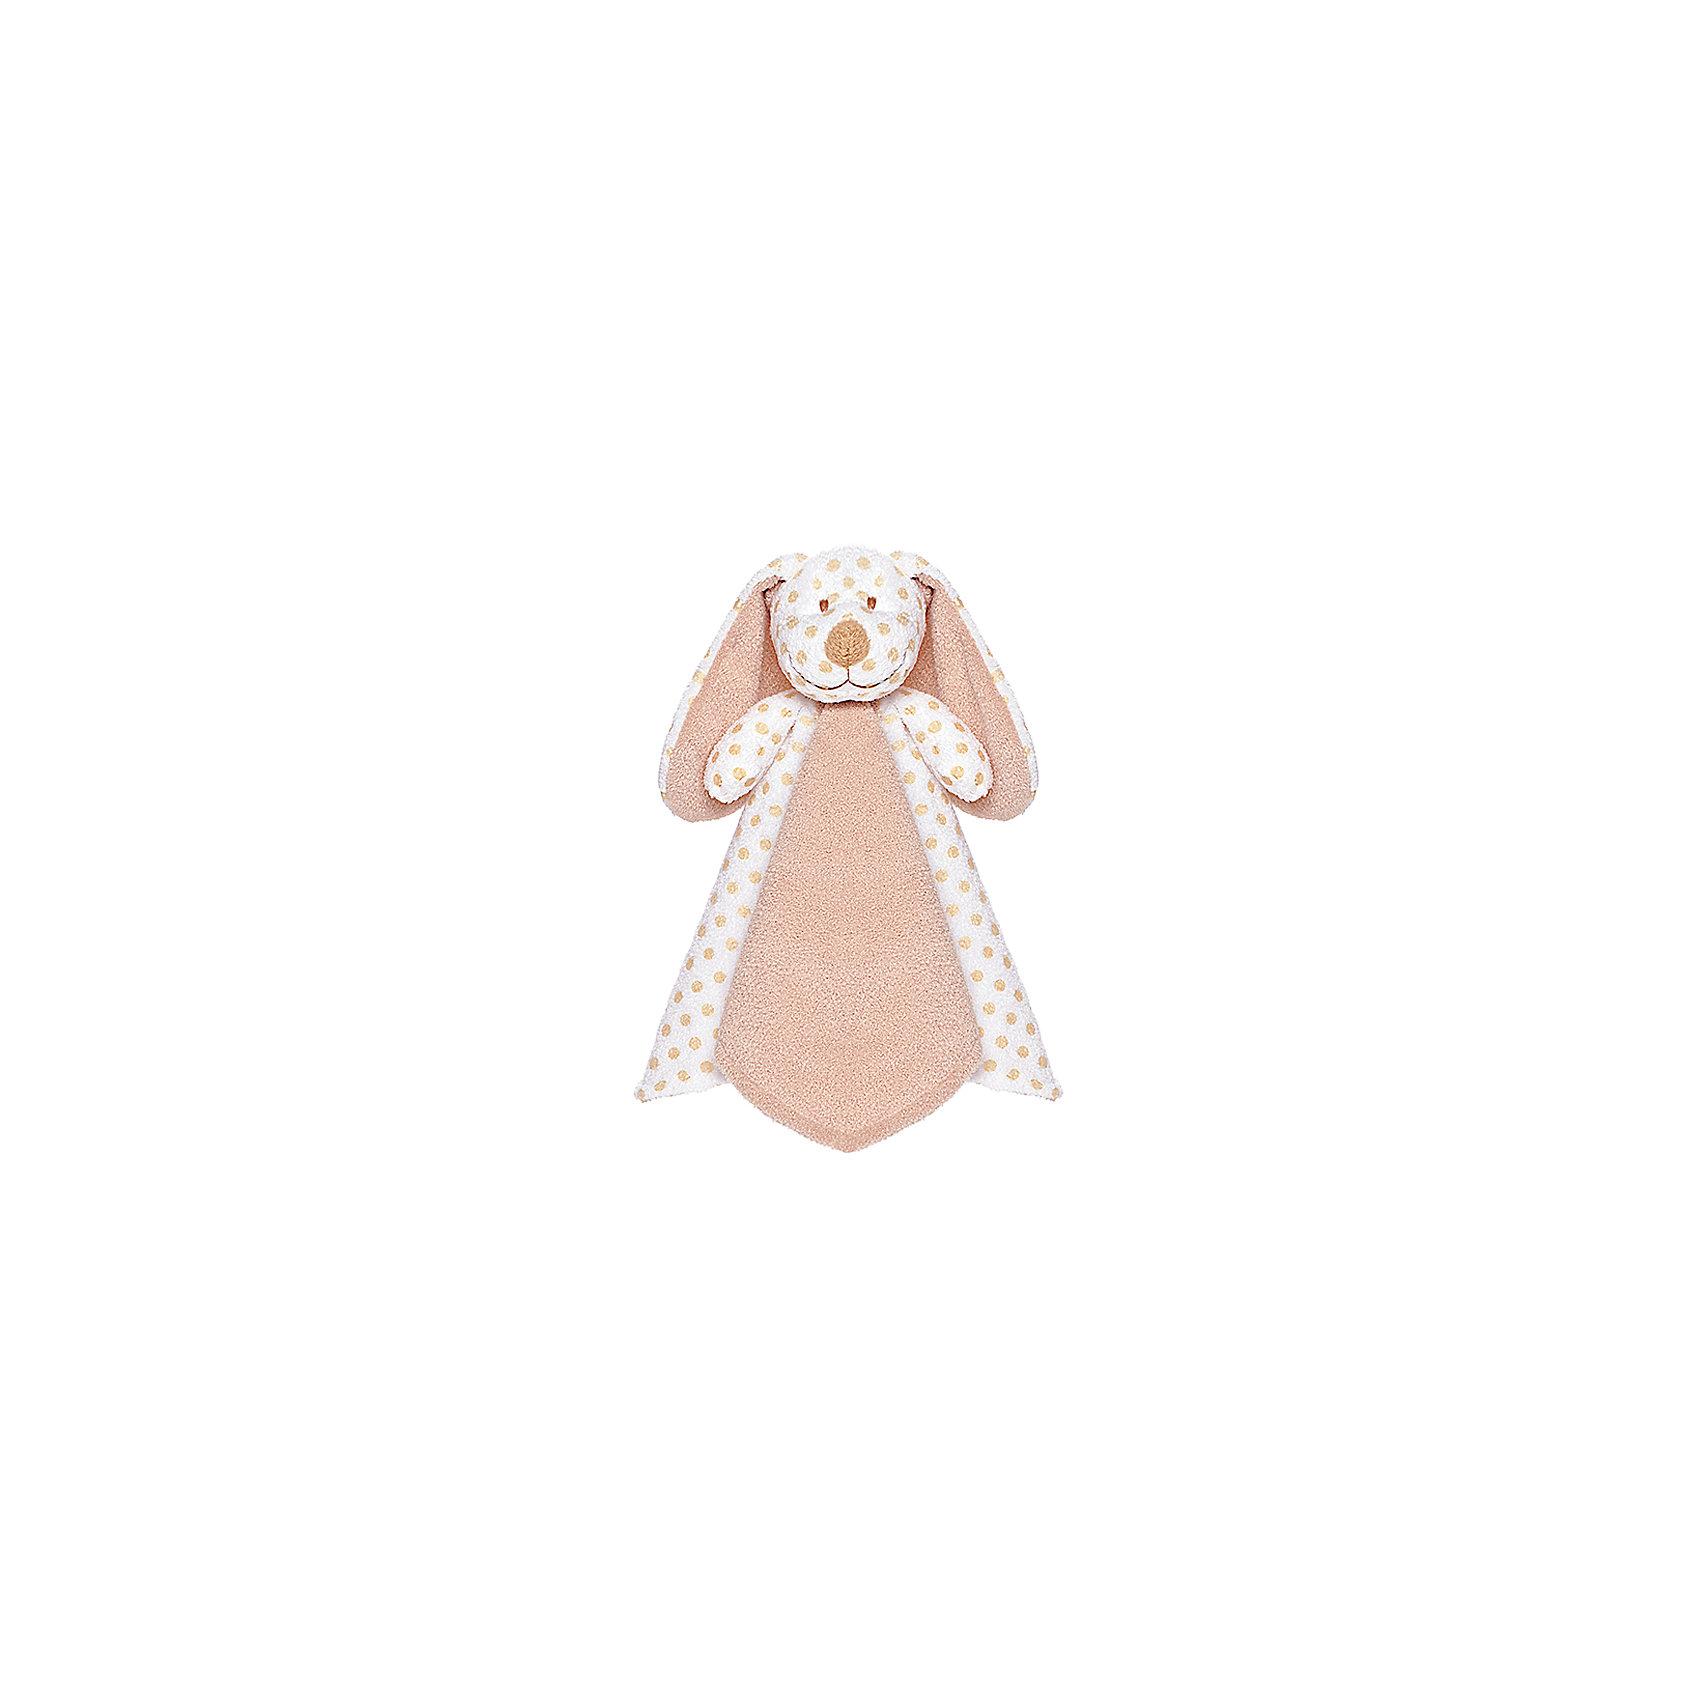 Платочек Собачка -  Большие ушки, Тедди бэби, TeddykompanietИгрушки-платочки<br>Характеристики мягкой игрушки Teddykompaniet: <br><br>• размер платочка: 34х34 см;<br>• материал: 100% хлопок (безворсовый велюр);<br>• серия: Тедди бэби.<br><br>Мягкий платочек с игрушкой-собачкой «Большие ушки» в центре выполнен из гипоаллергенного текстиля. В разложенном виде имеет форму квадрата, мягкая игрушка-собачка находится в центре. В процессе игры с платочком у малыша развивается мелкая моторика пальчиков, тактильное и зрительное восприятие. <br><br>Платочек Собачка - Большие ушки, Тедди бэби, Teddykompaniet<br><br>Ширина мм: 350<br>Глубина мм: 350<br>Высота мм: 100<br>Вес г: 350<br>Возраст от месяцев: 0<br>Возраст до месяцев: 36<br>Пол: Унисекс<br>Возраст: Детский<br>SKU: 4903945